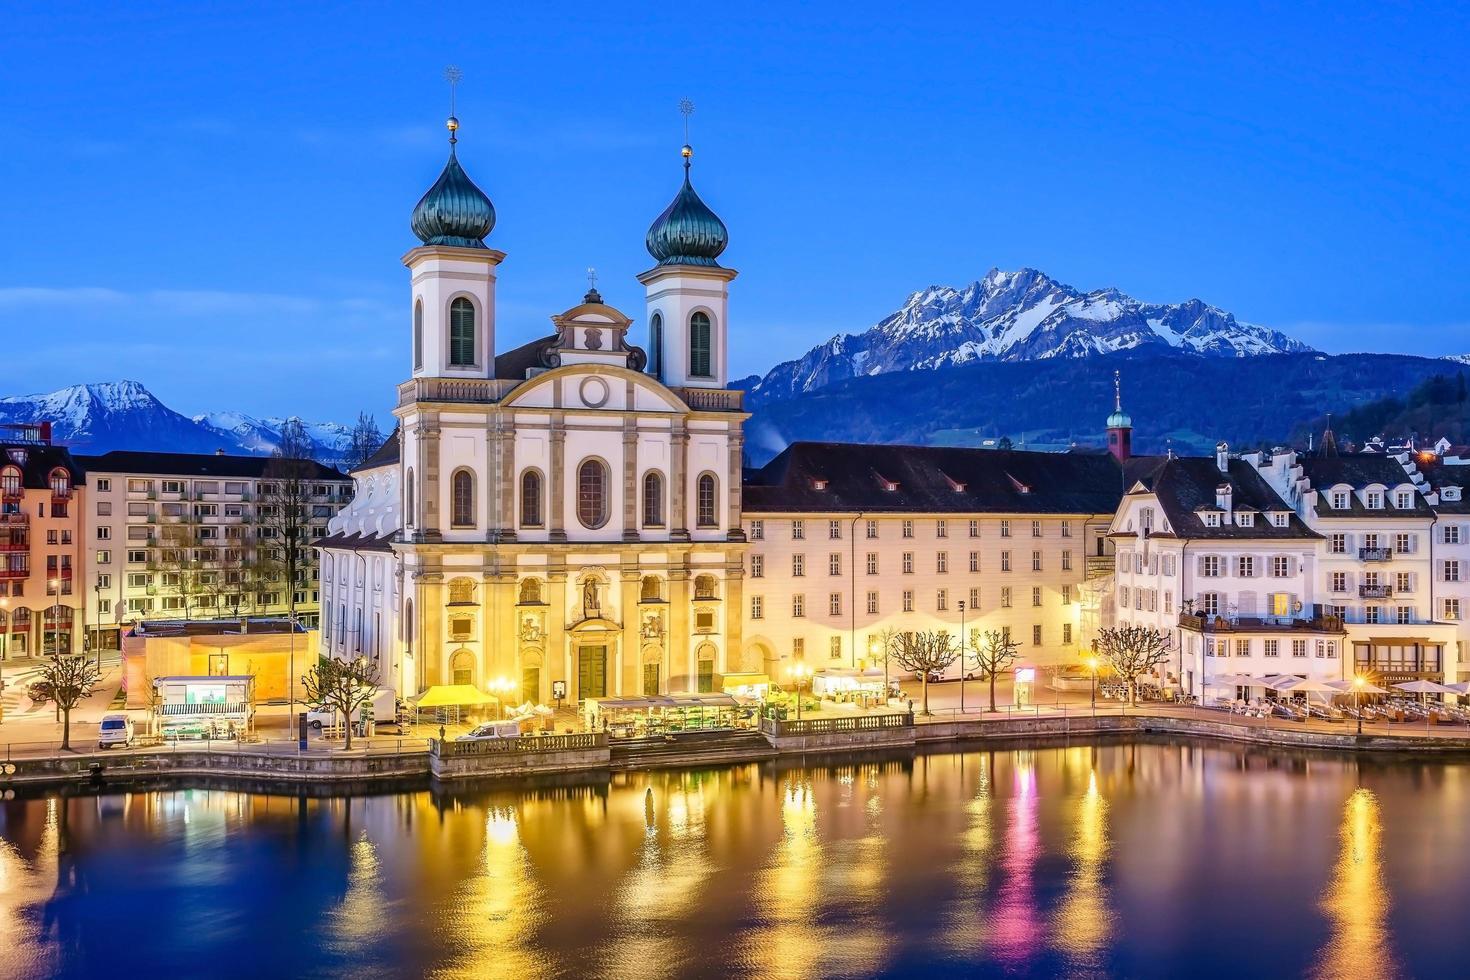 Chiesa dei Gesuiti a Lucerna, Svizzera foto